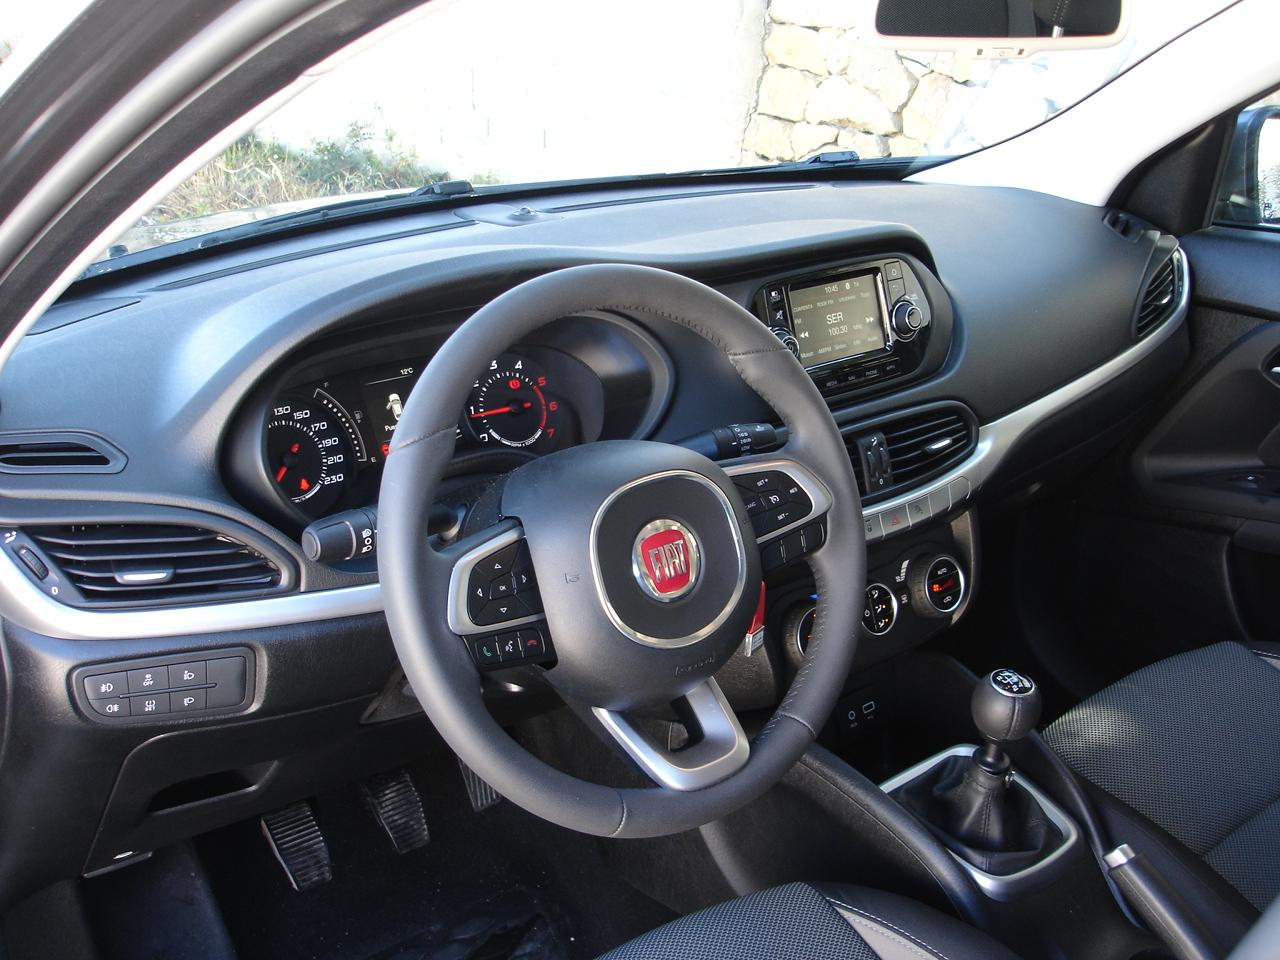 Fiat_Tipo_10